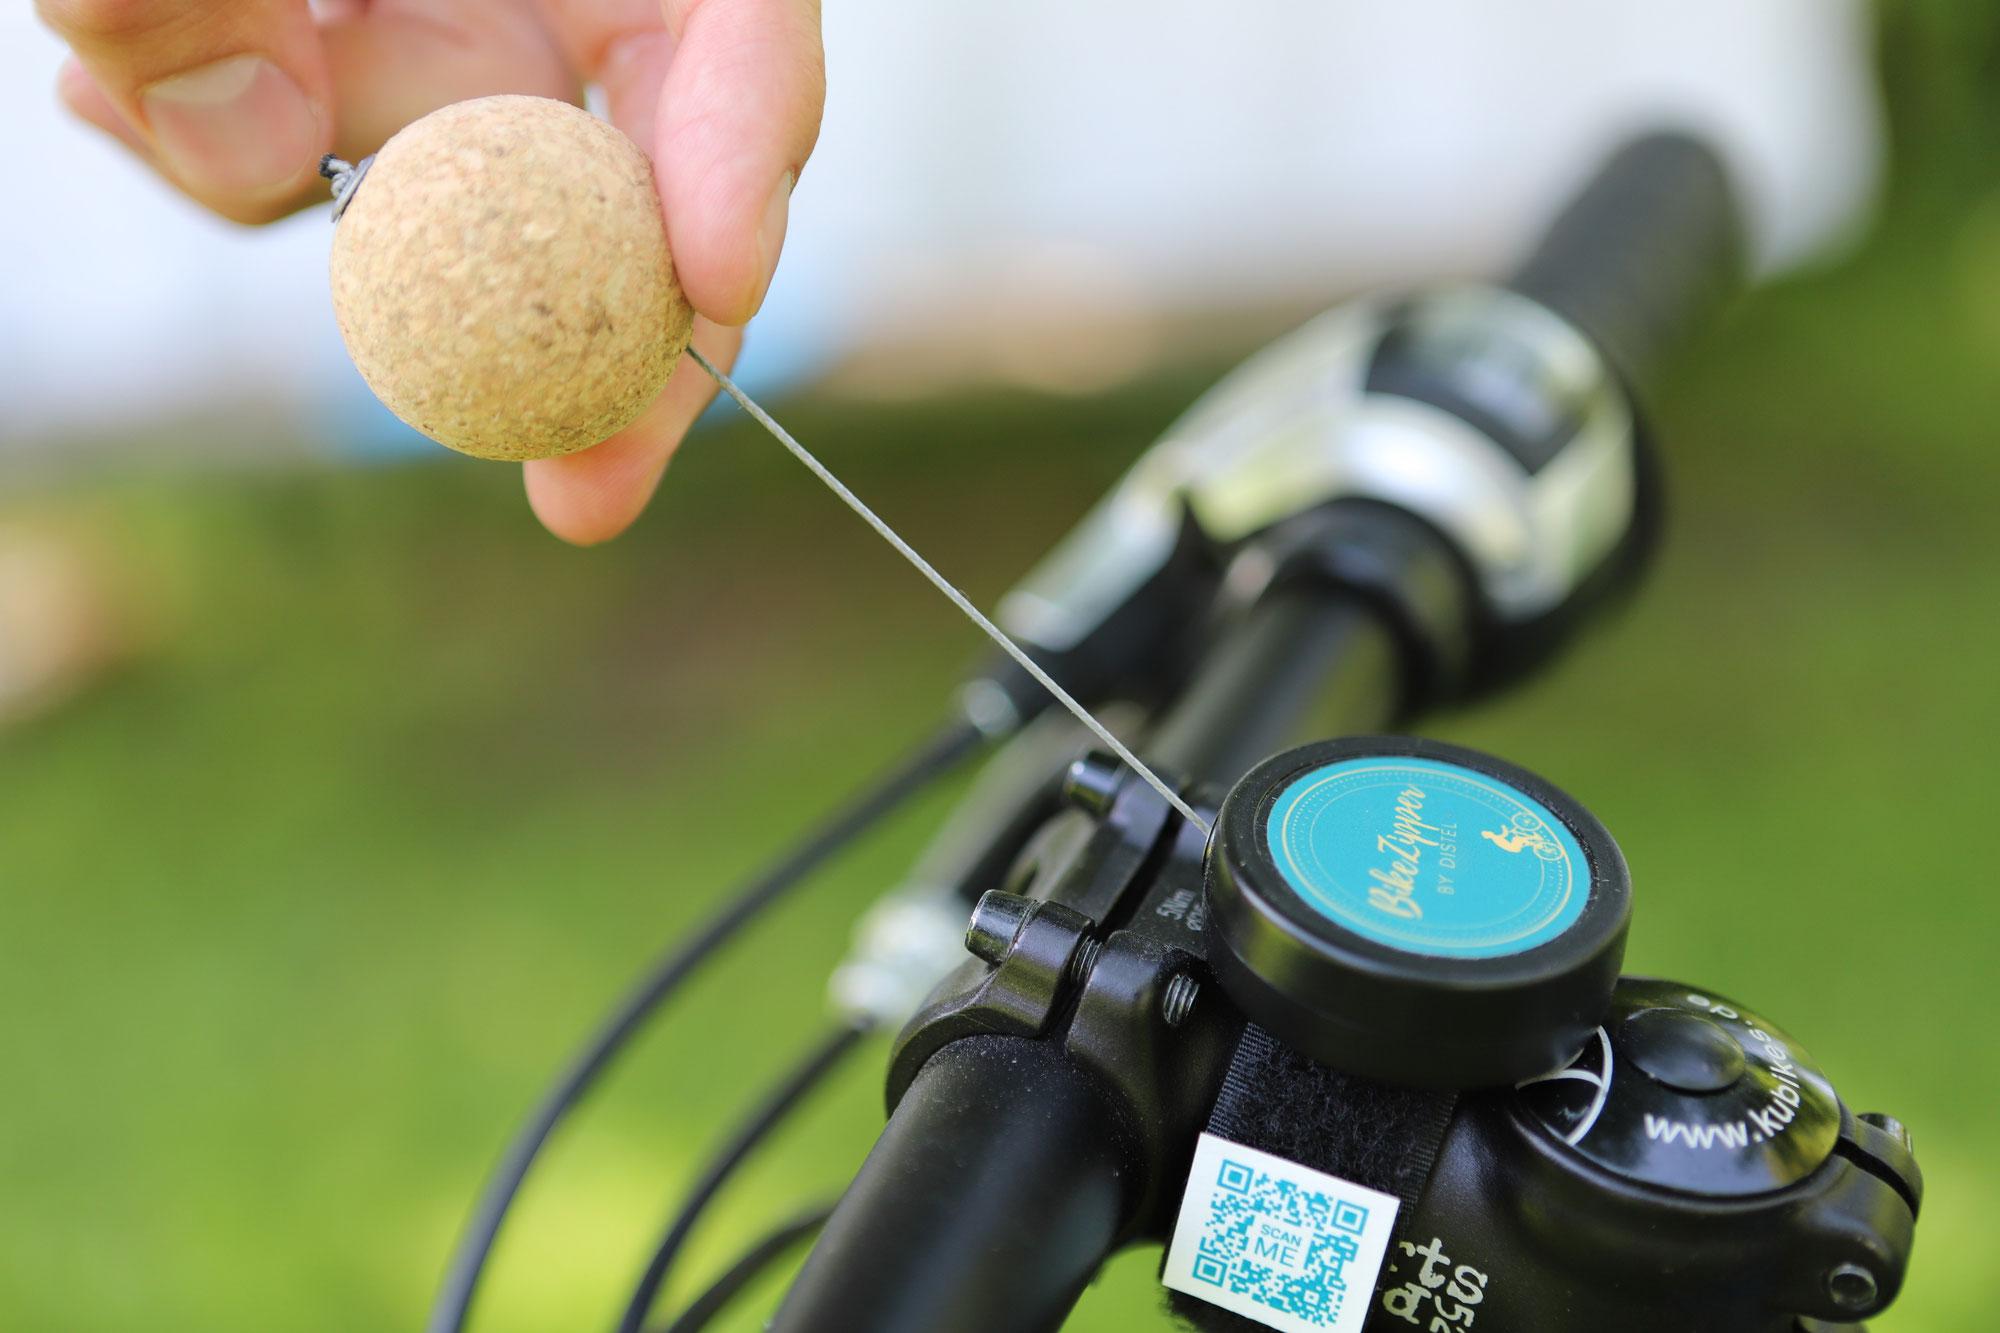 Produkt-Ticker: BikeZipper - Das intelligente Abschleppseil für radelnde Kinder und Eltern